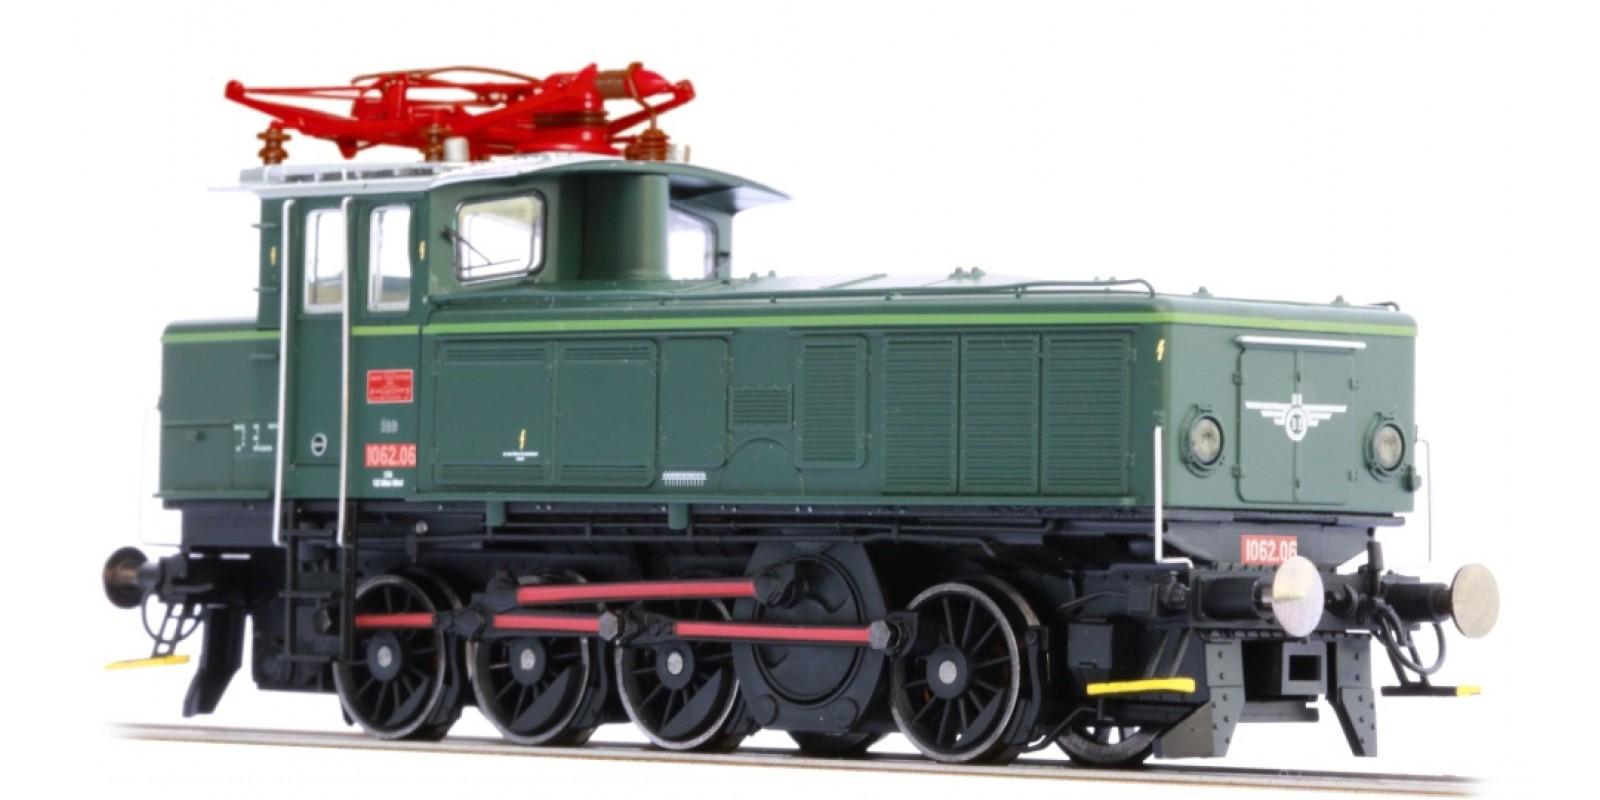 JA16742 H0 AC E-Lok 1062.06 grün Sound